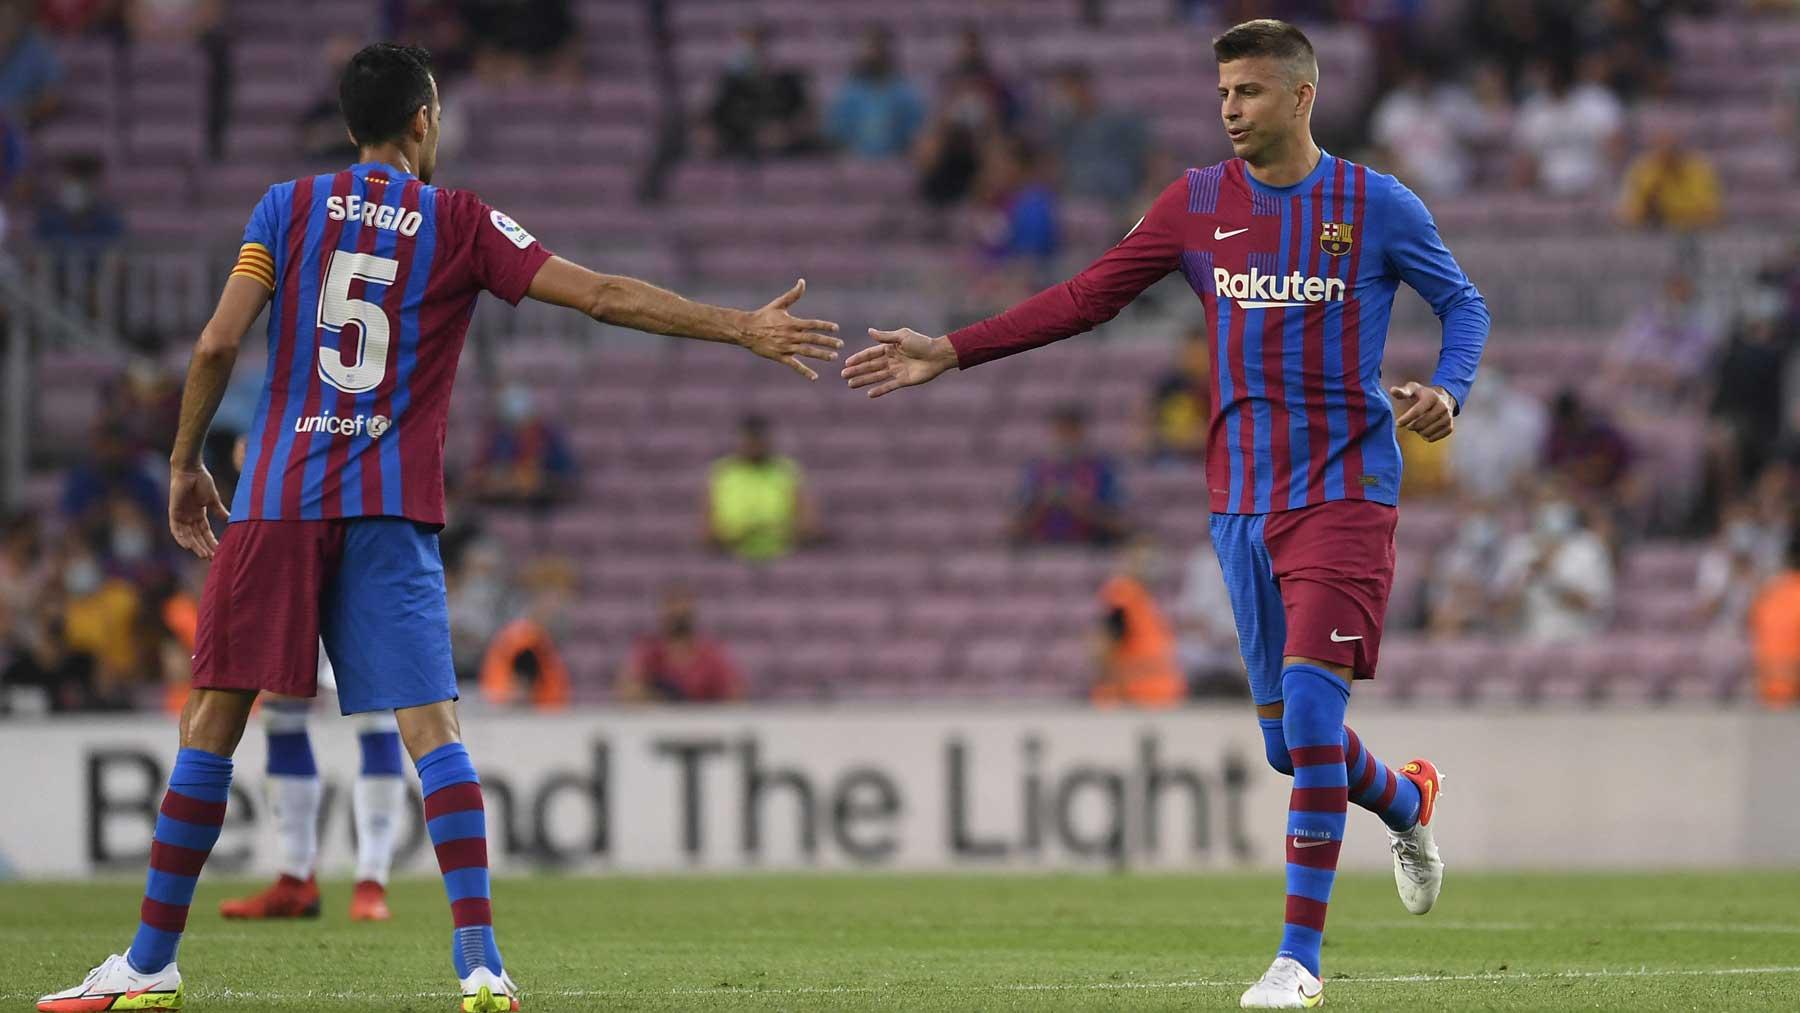 Barcelona – Real Sociedad: partido de la Liga Santander en directo